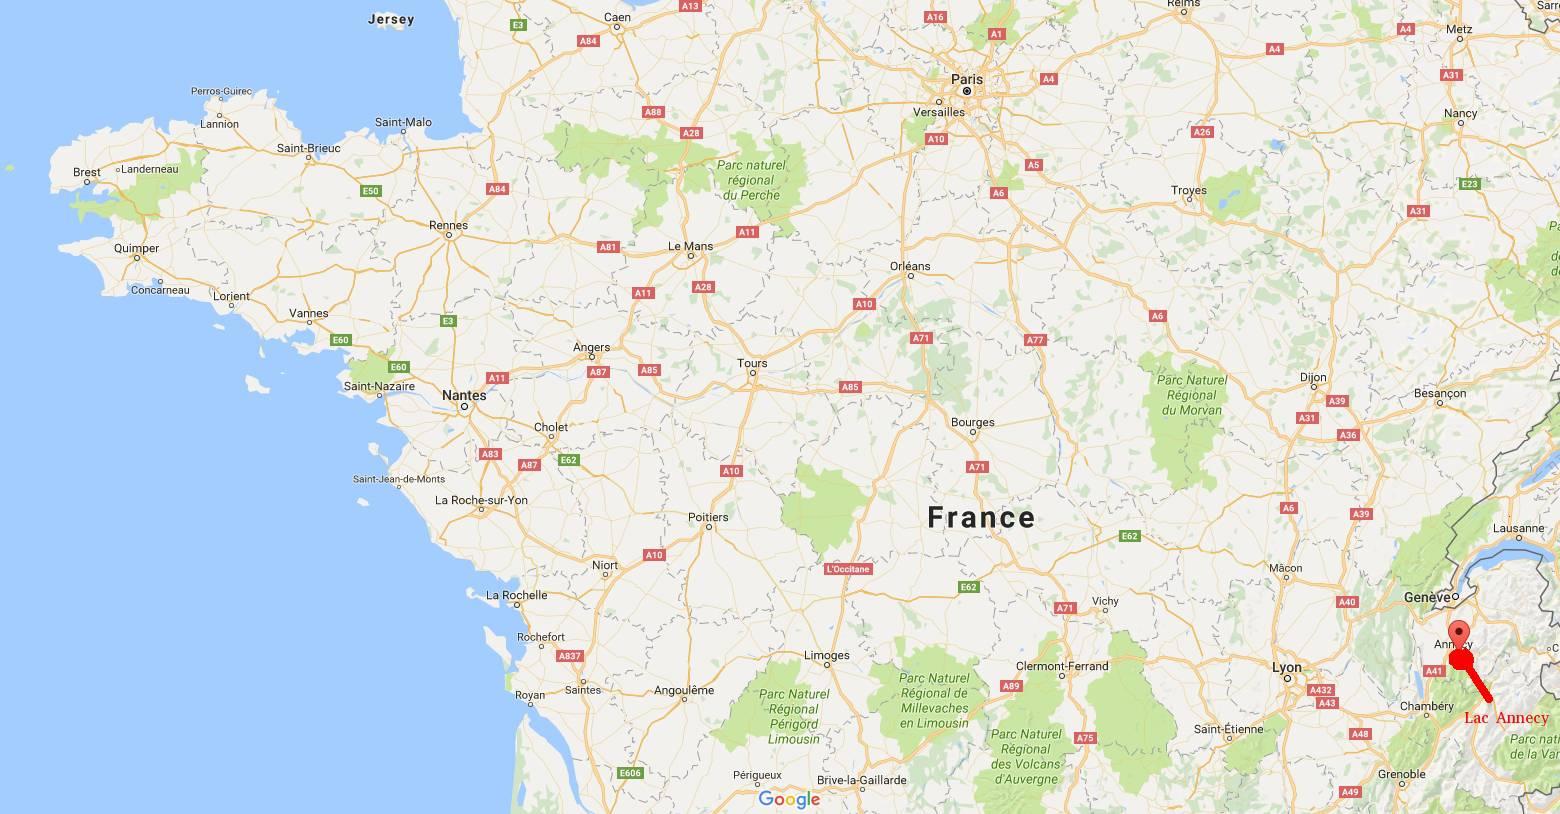 Où se trouve le lac d'Annecy ?